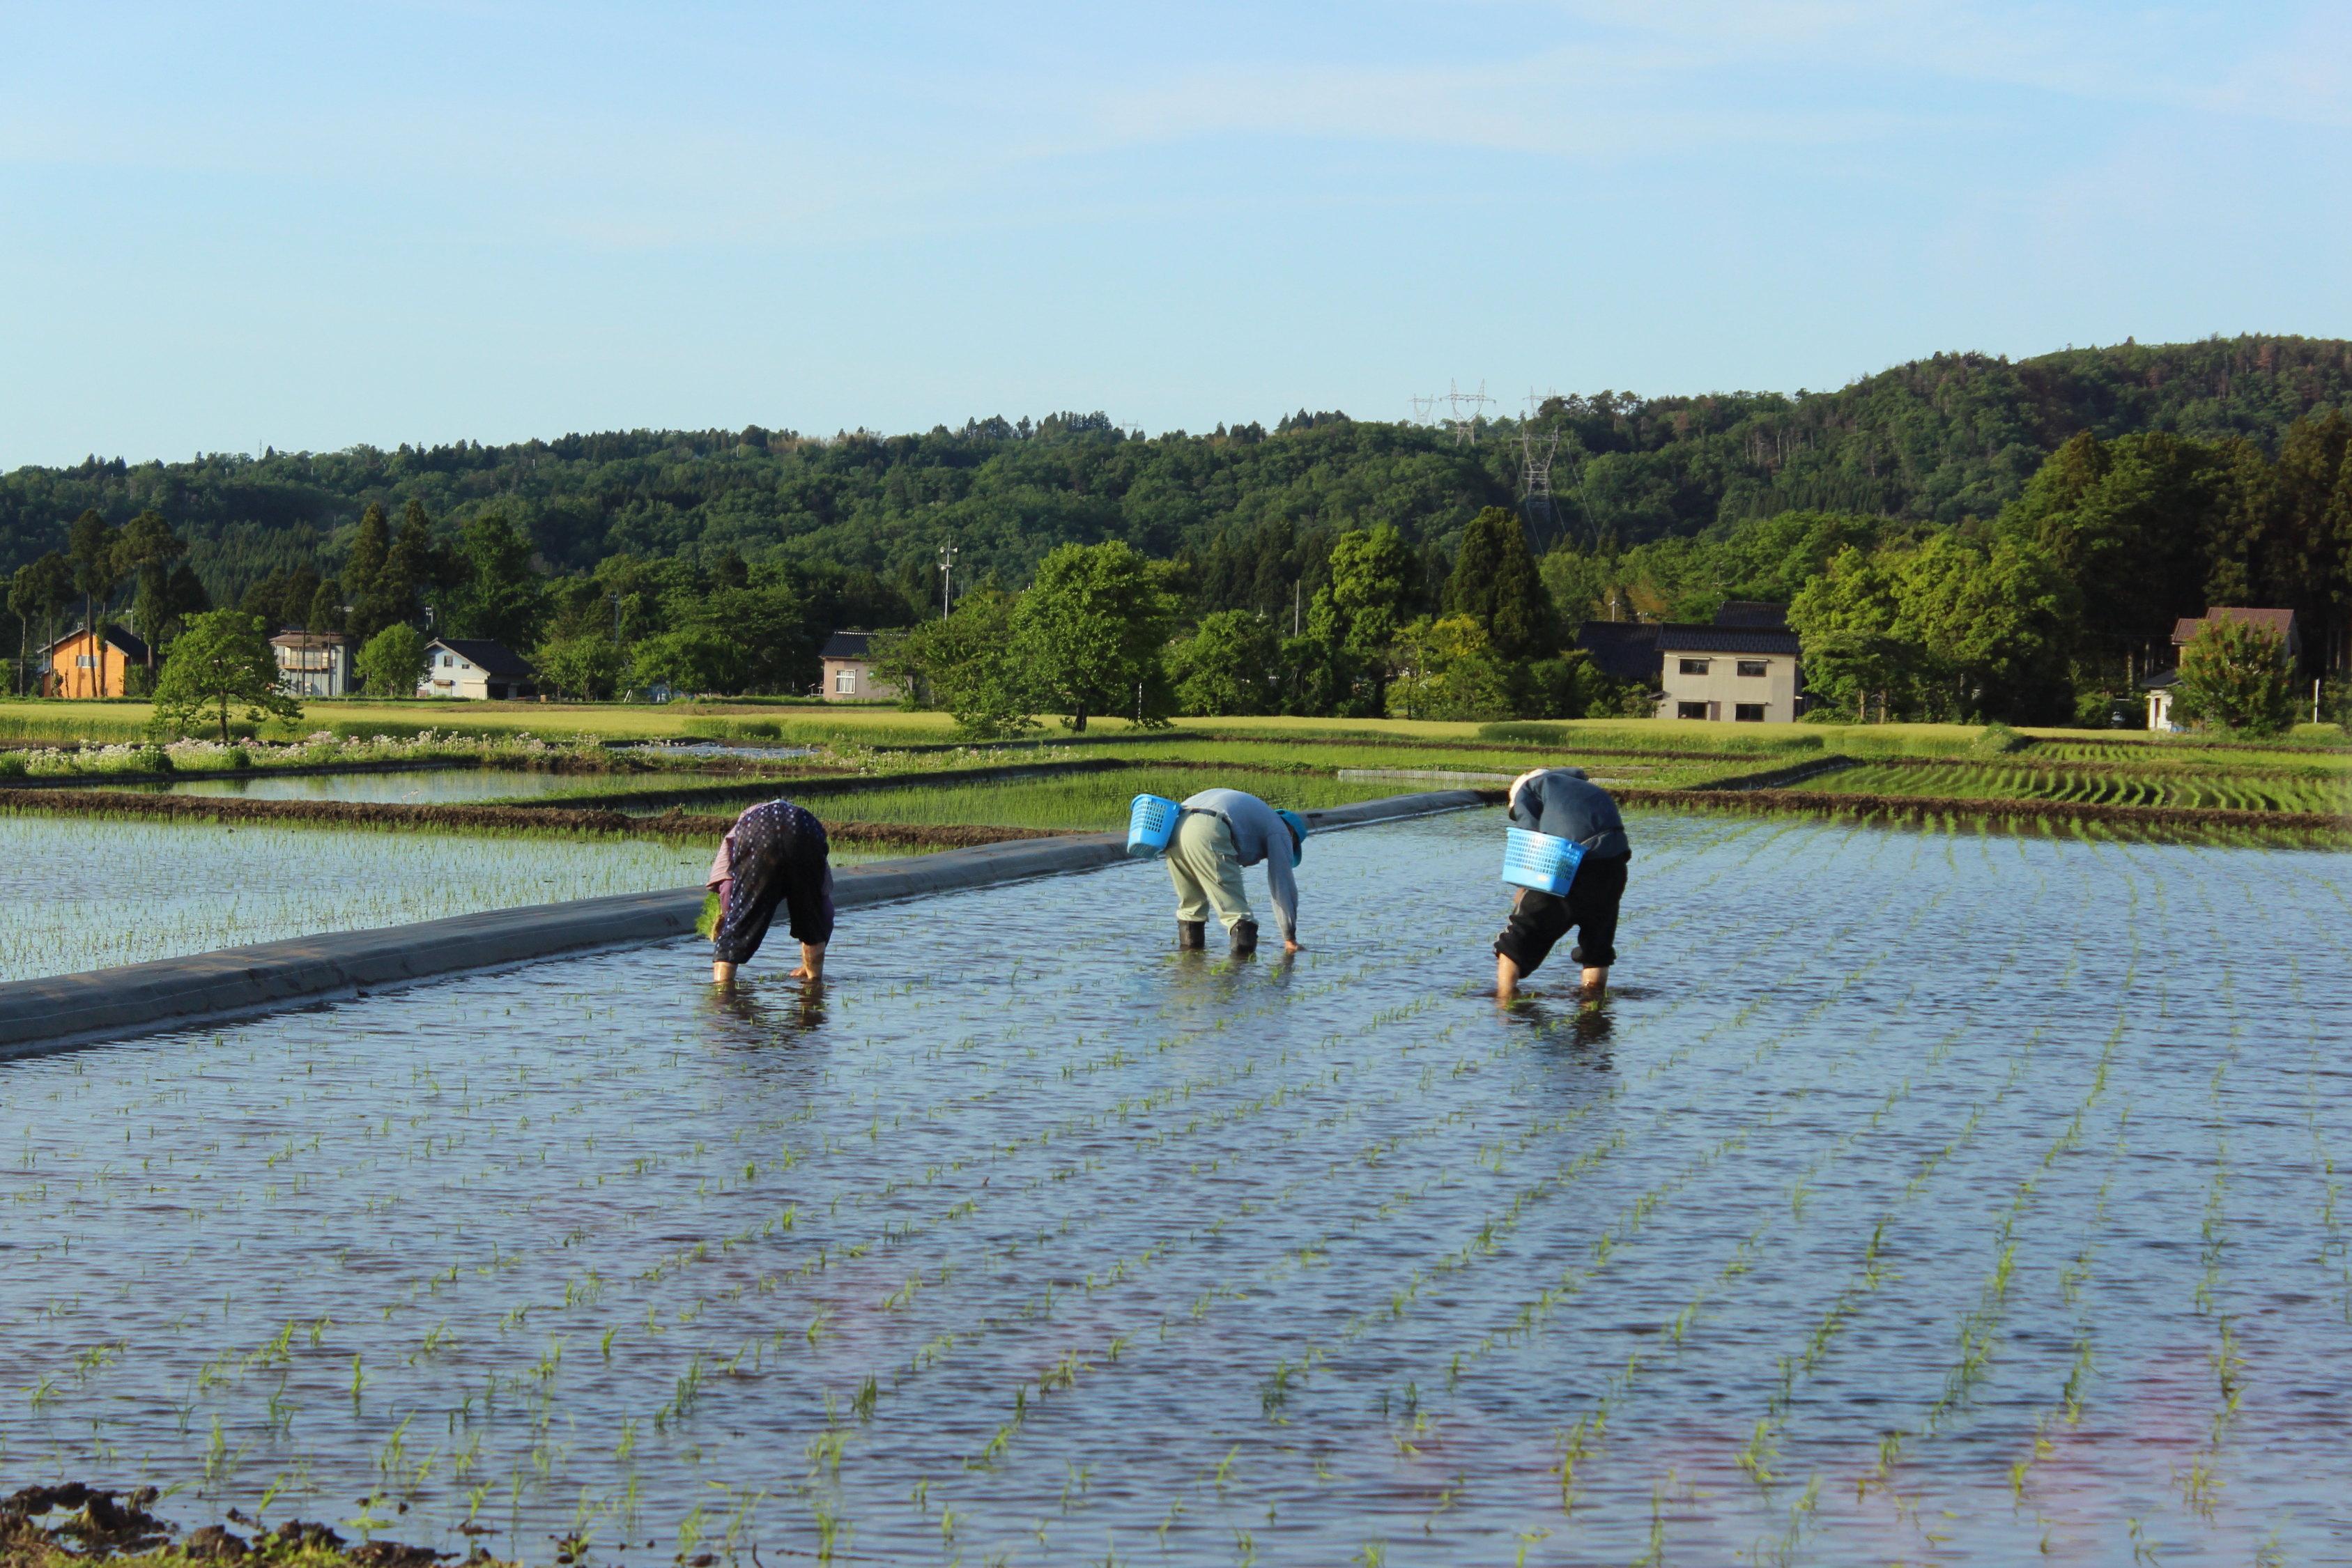 コシヒカリを超える新品種を収穫!富山県から新たなブランド米が生まれるか!?